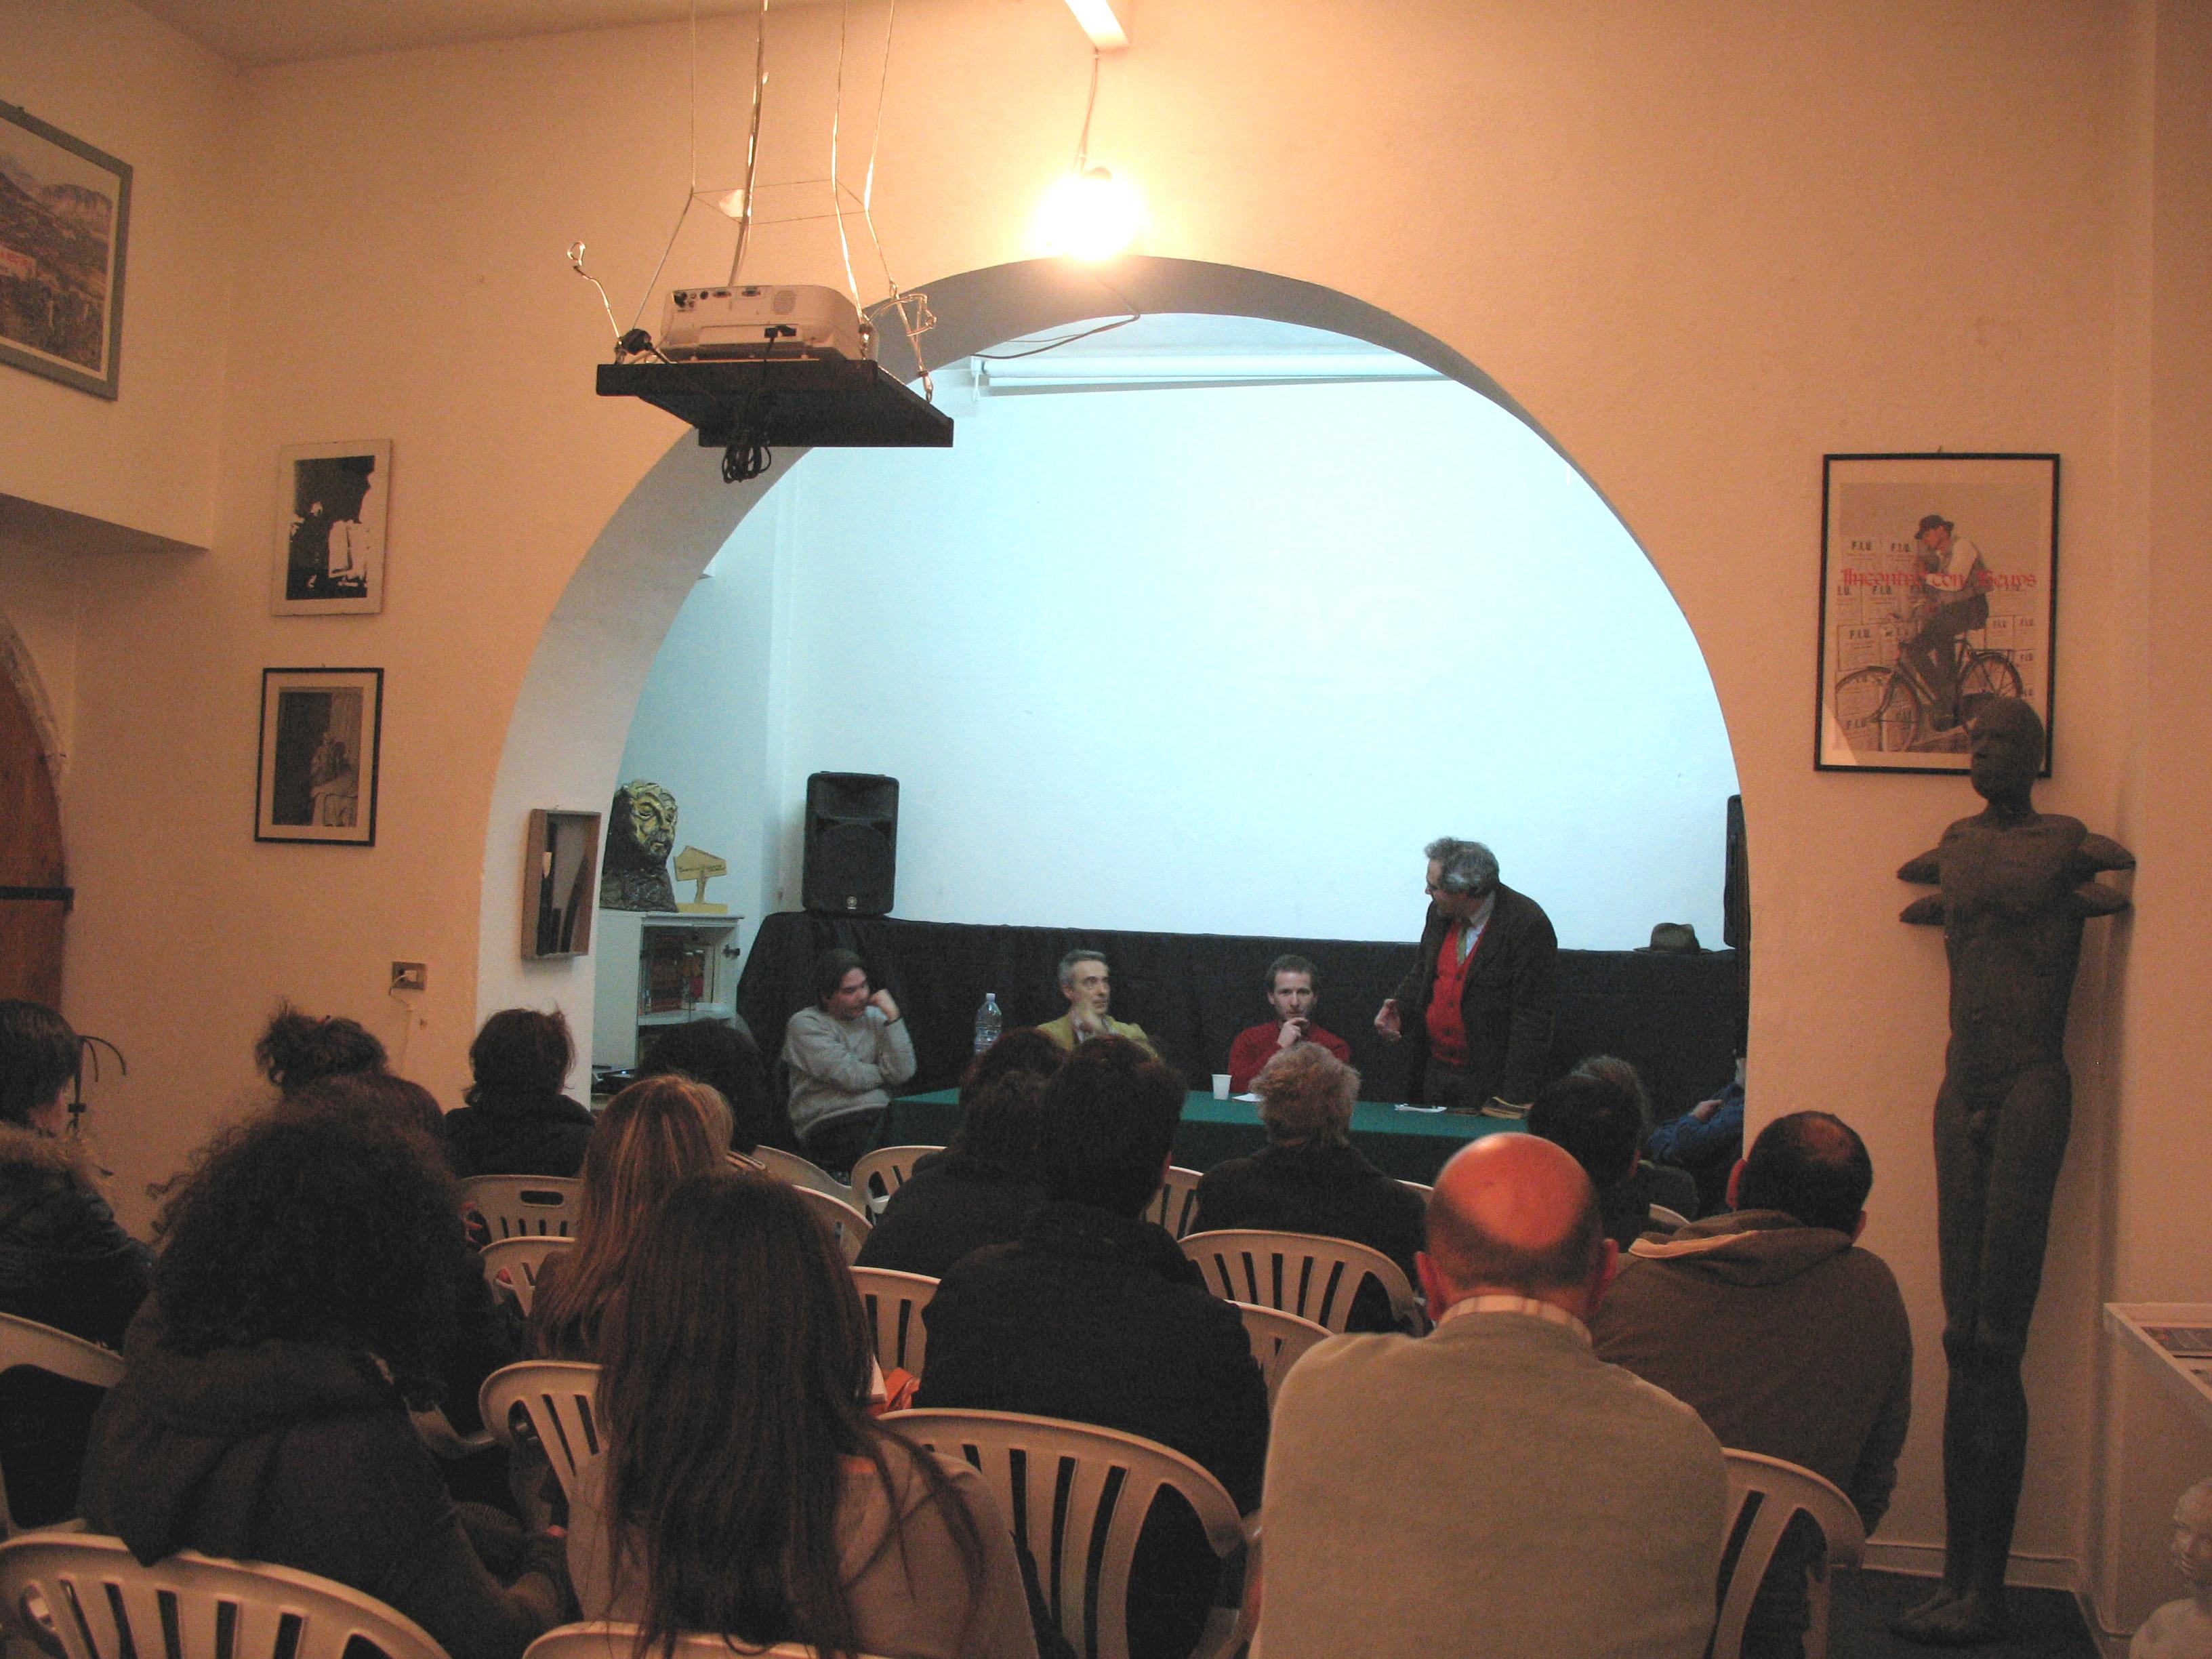 Presentazione dell'evento, da sinistra: Germano Scurti, Franco Speroni, Alessandro Bertozzi, Marcello Gallucci